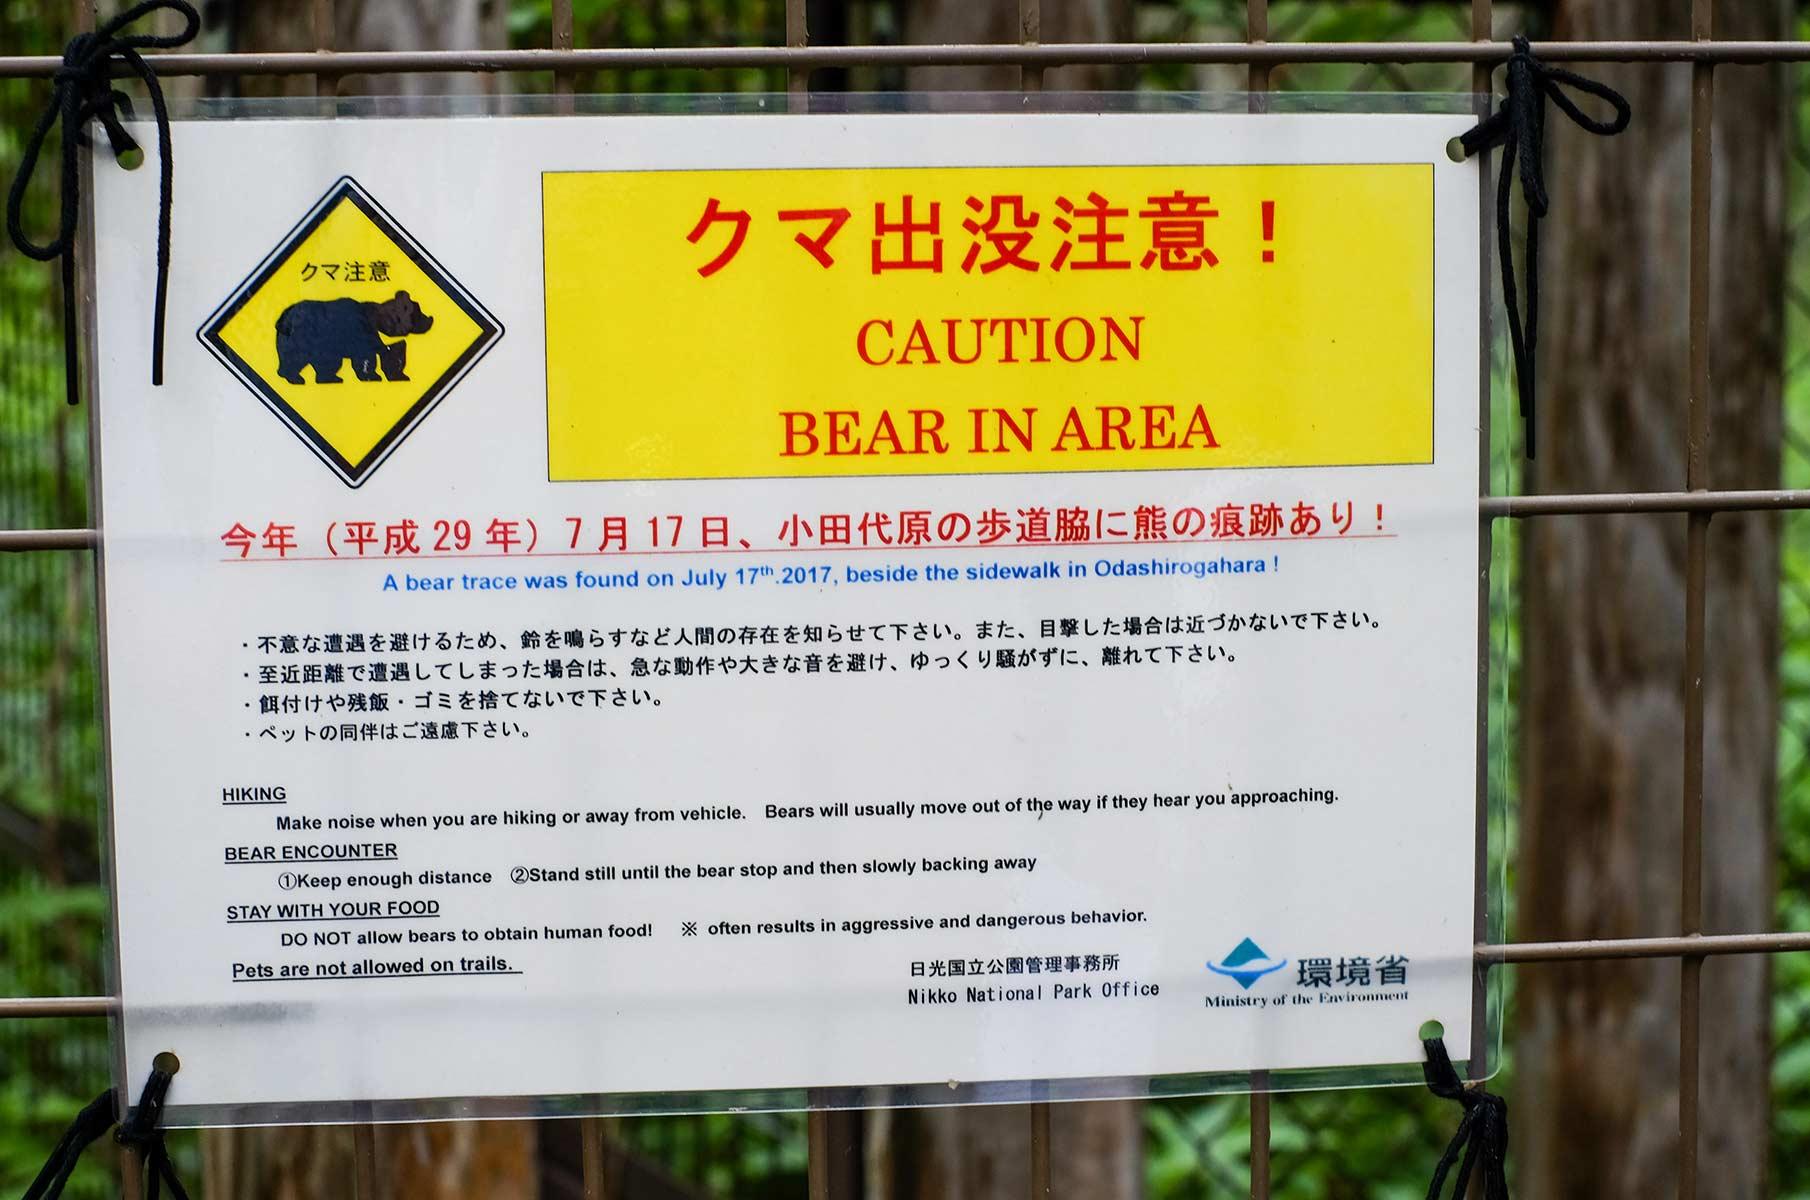 Warnung vor Bären im Senjogahara Sumpfgebiet im Nikko-Nationalpark in Nikko, Japan